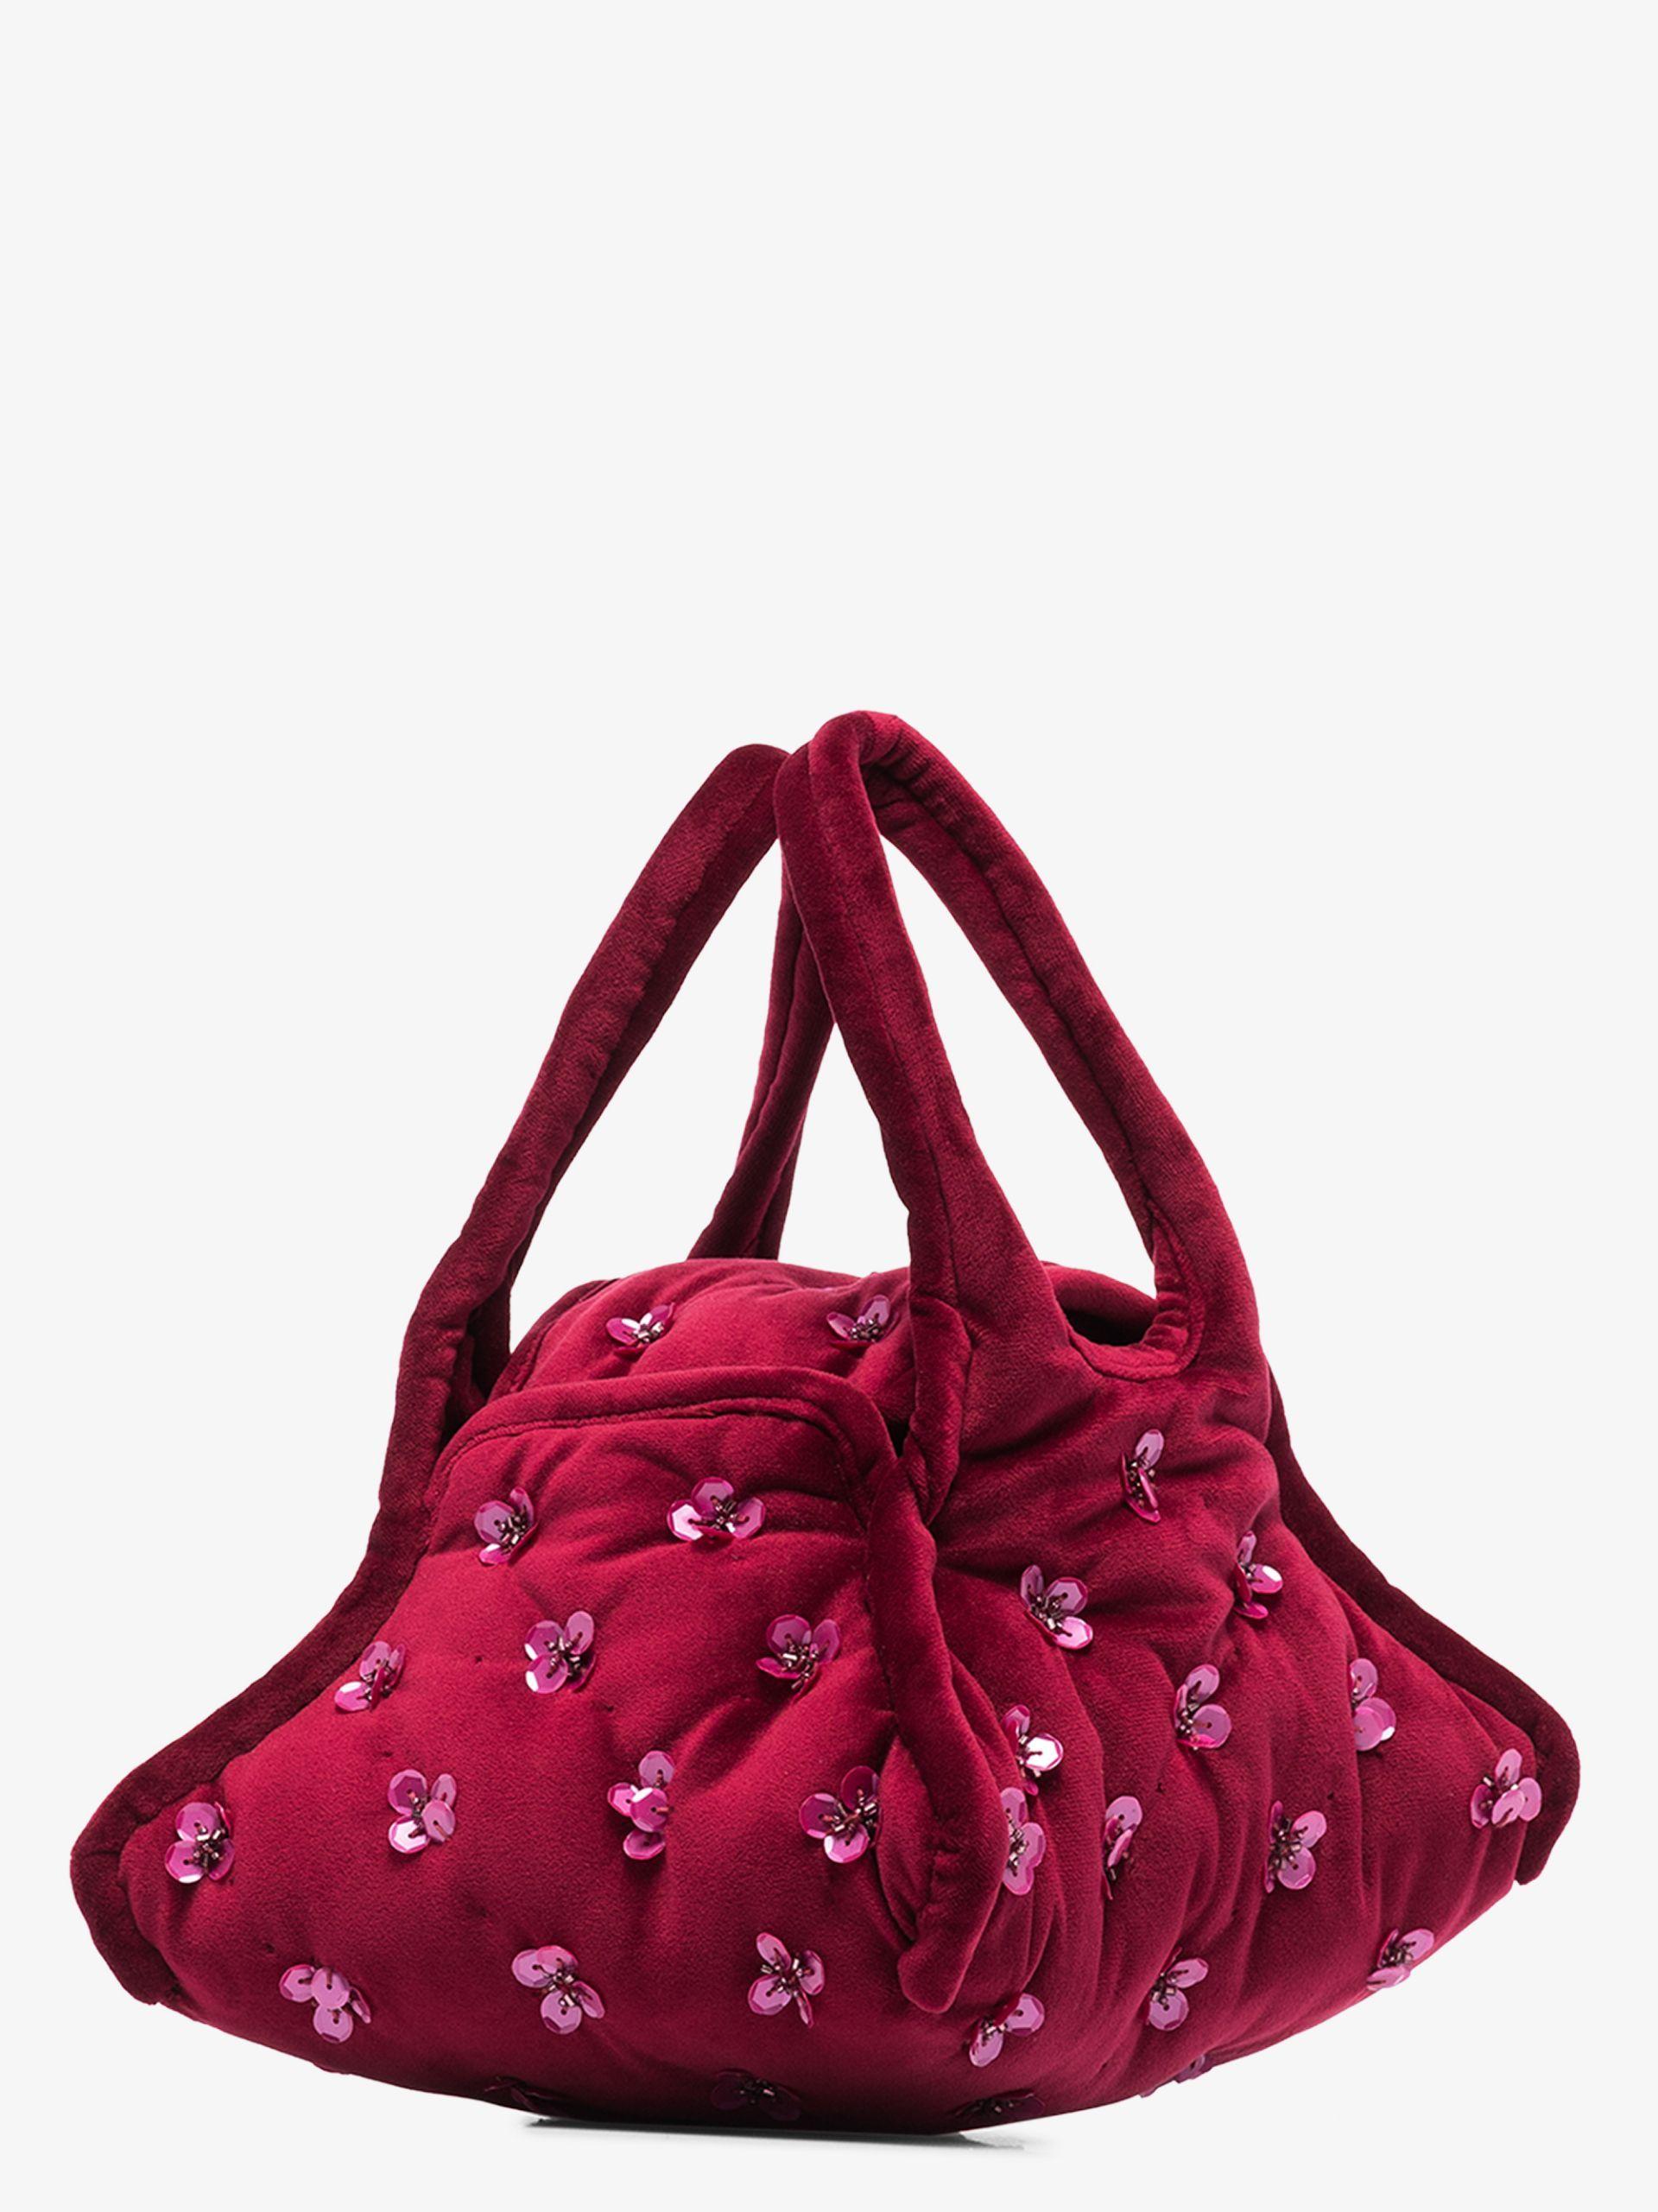 khaore-bolso-flores-terciopelo-rojo-vino-2